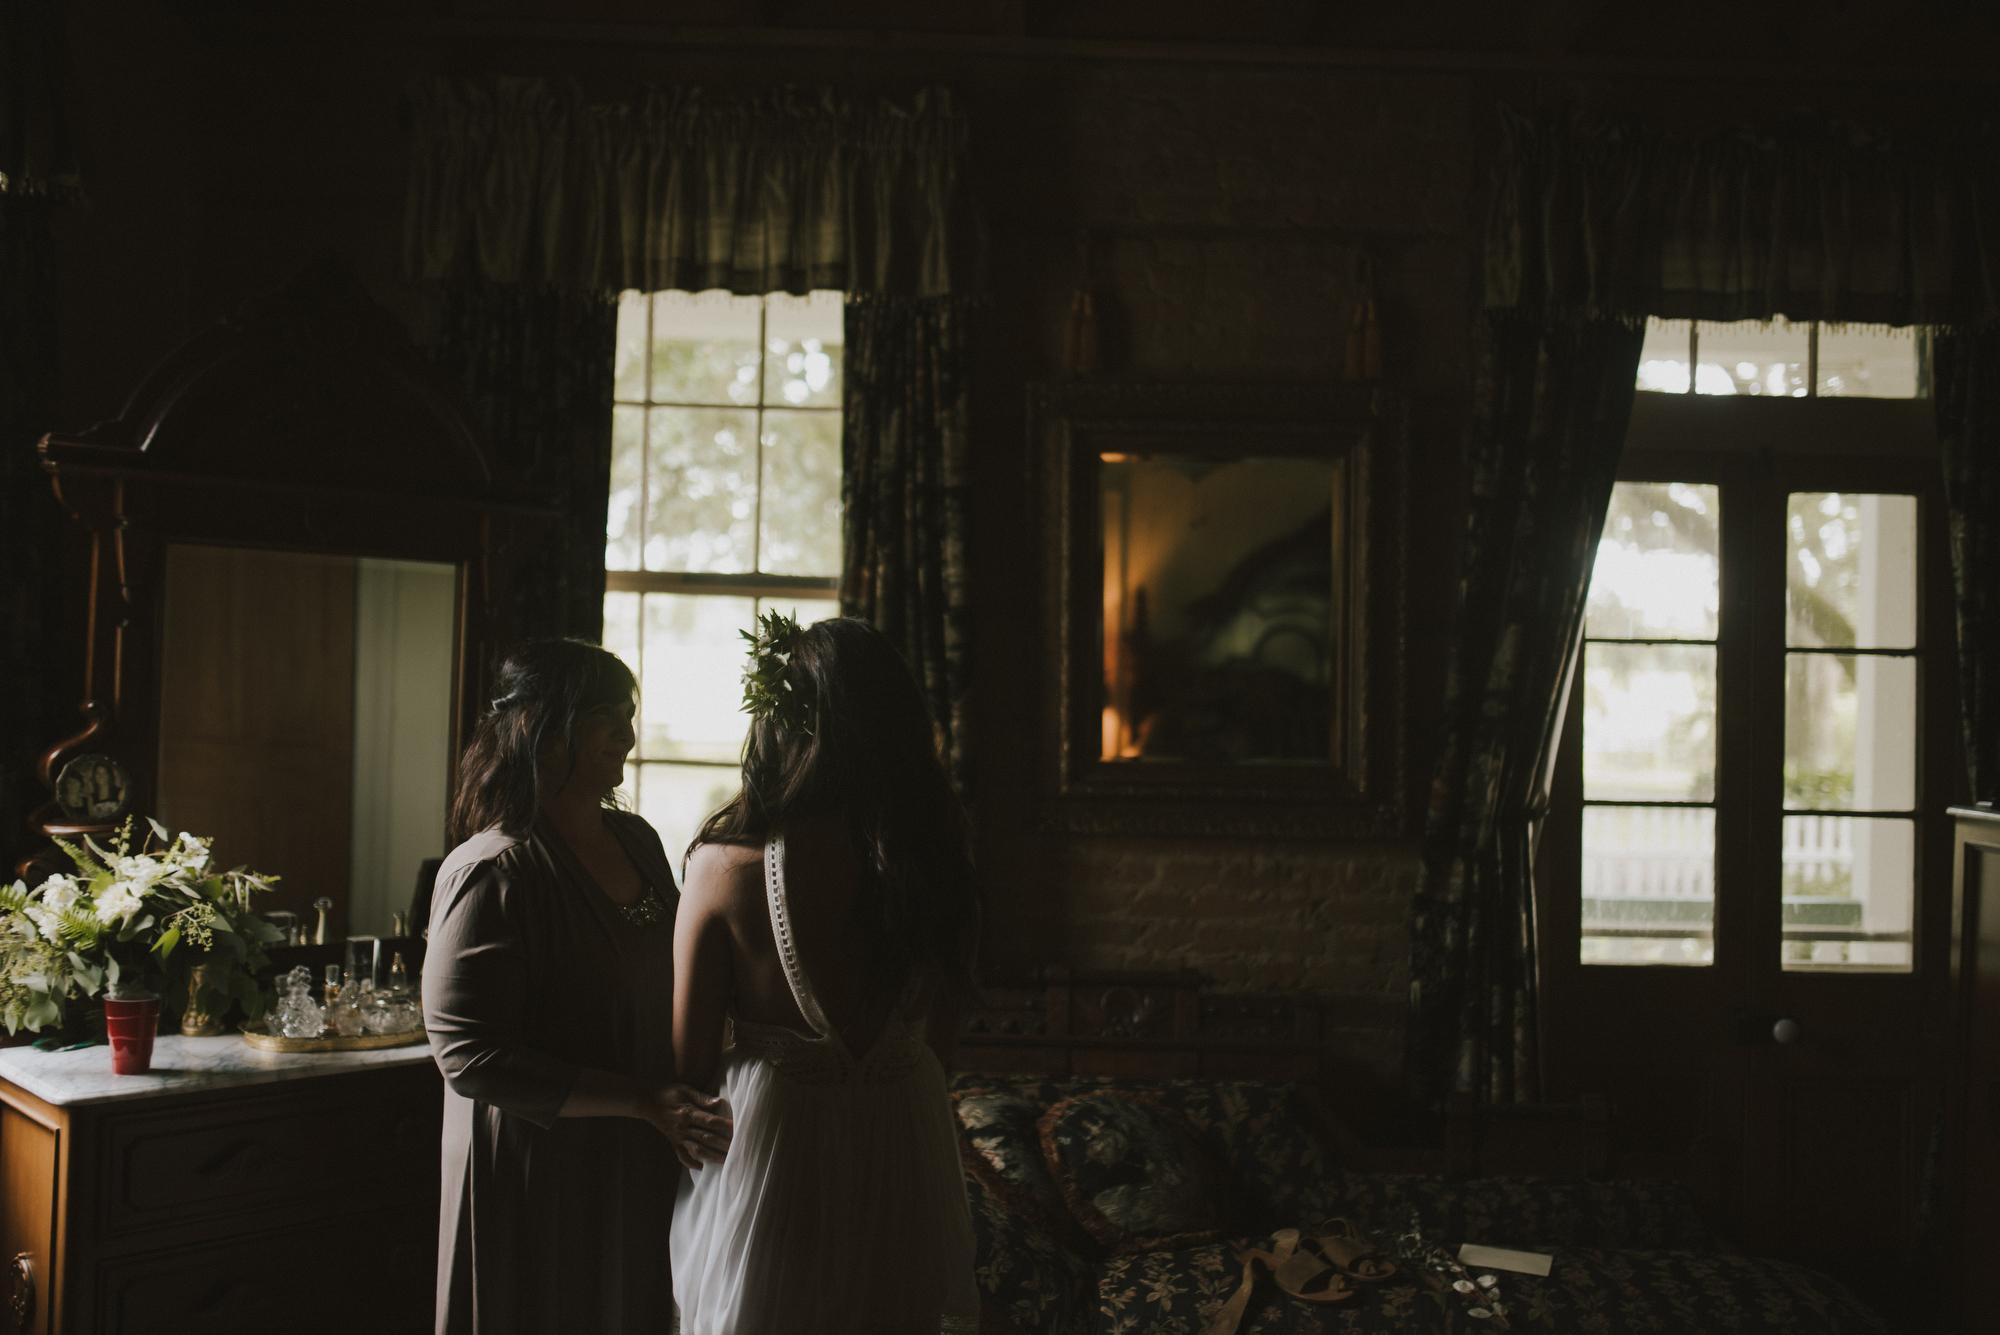 ofRen_weddingphotography044.JPG